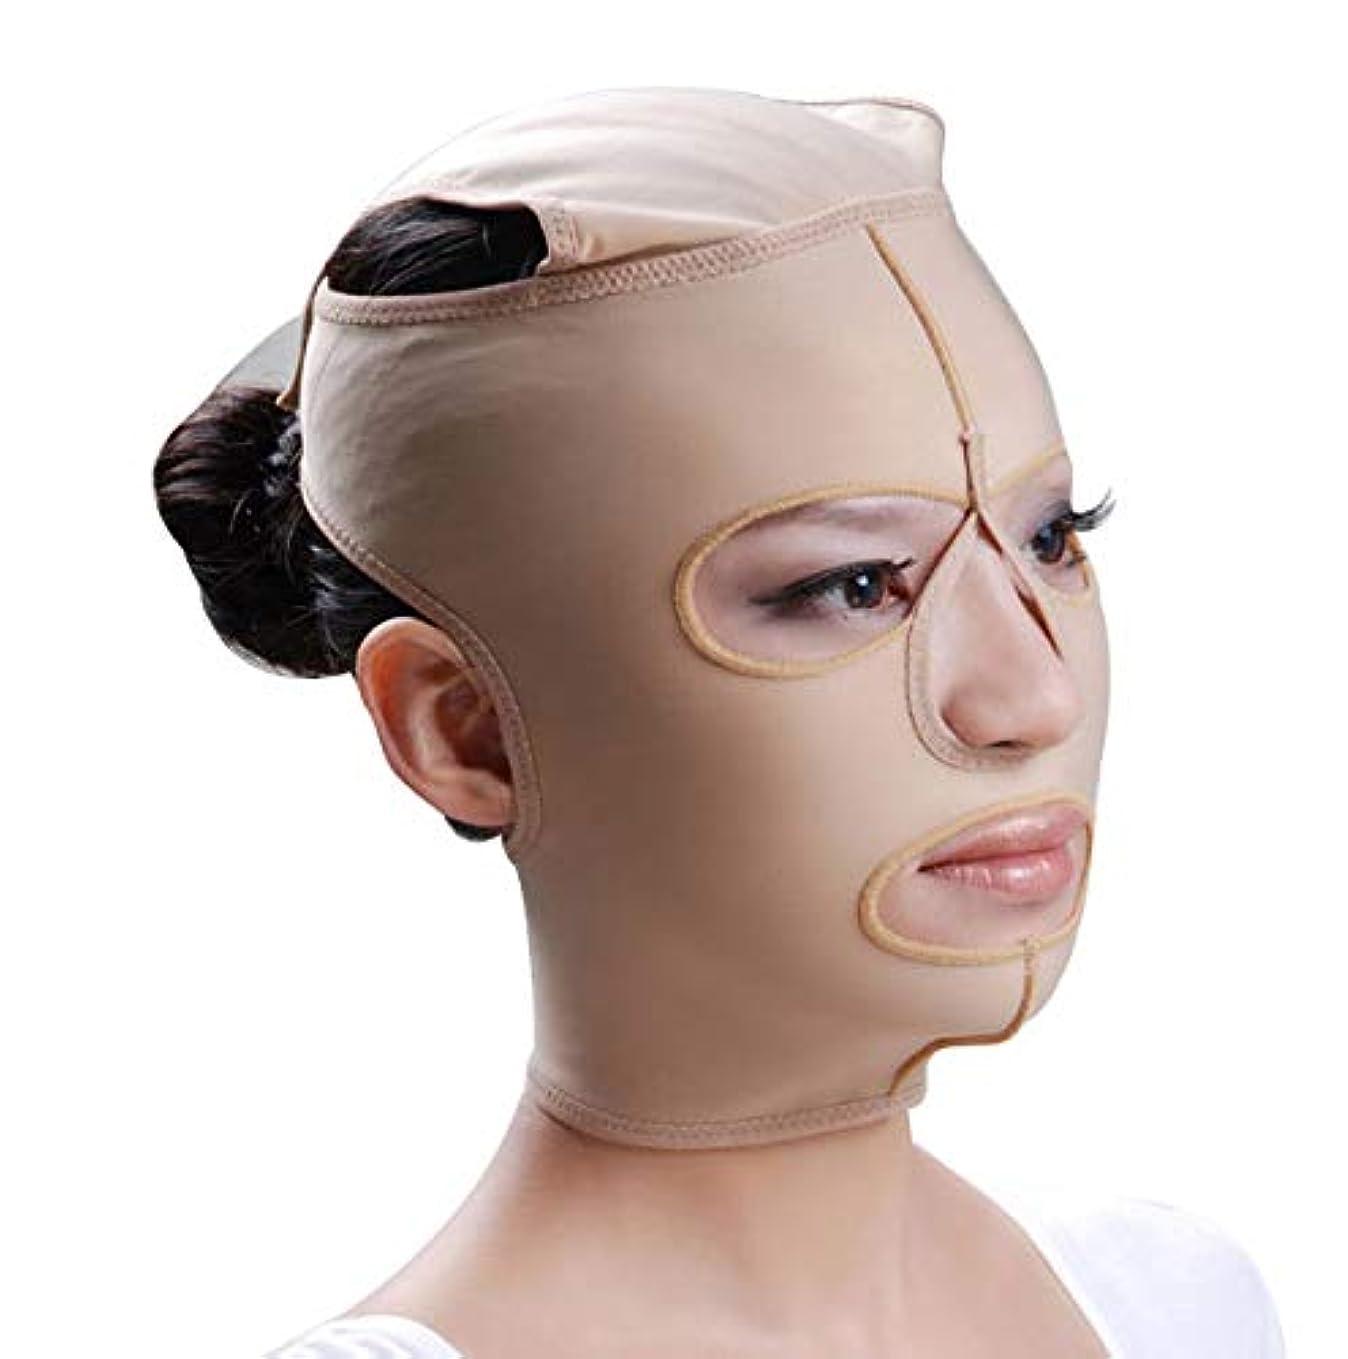 拍手する接続詞民兵GLJJQMY ファーミングマスクマスク弾性表面リフティングファーミングパターンマイクロフィニッシングモデリング圧縮マスク 顔用整形マスク (Size : S)